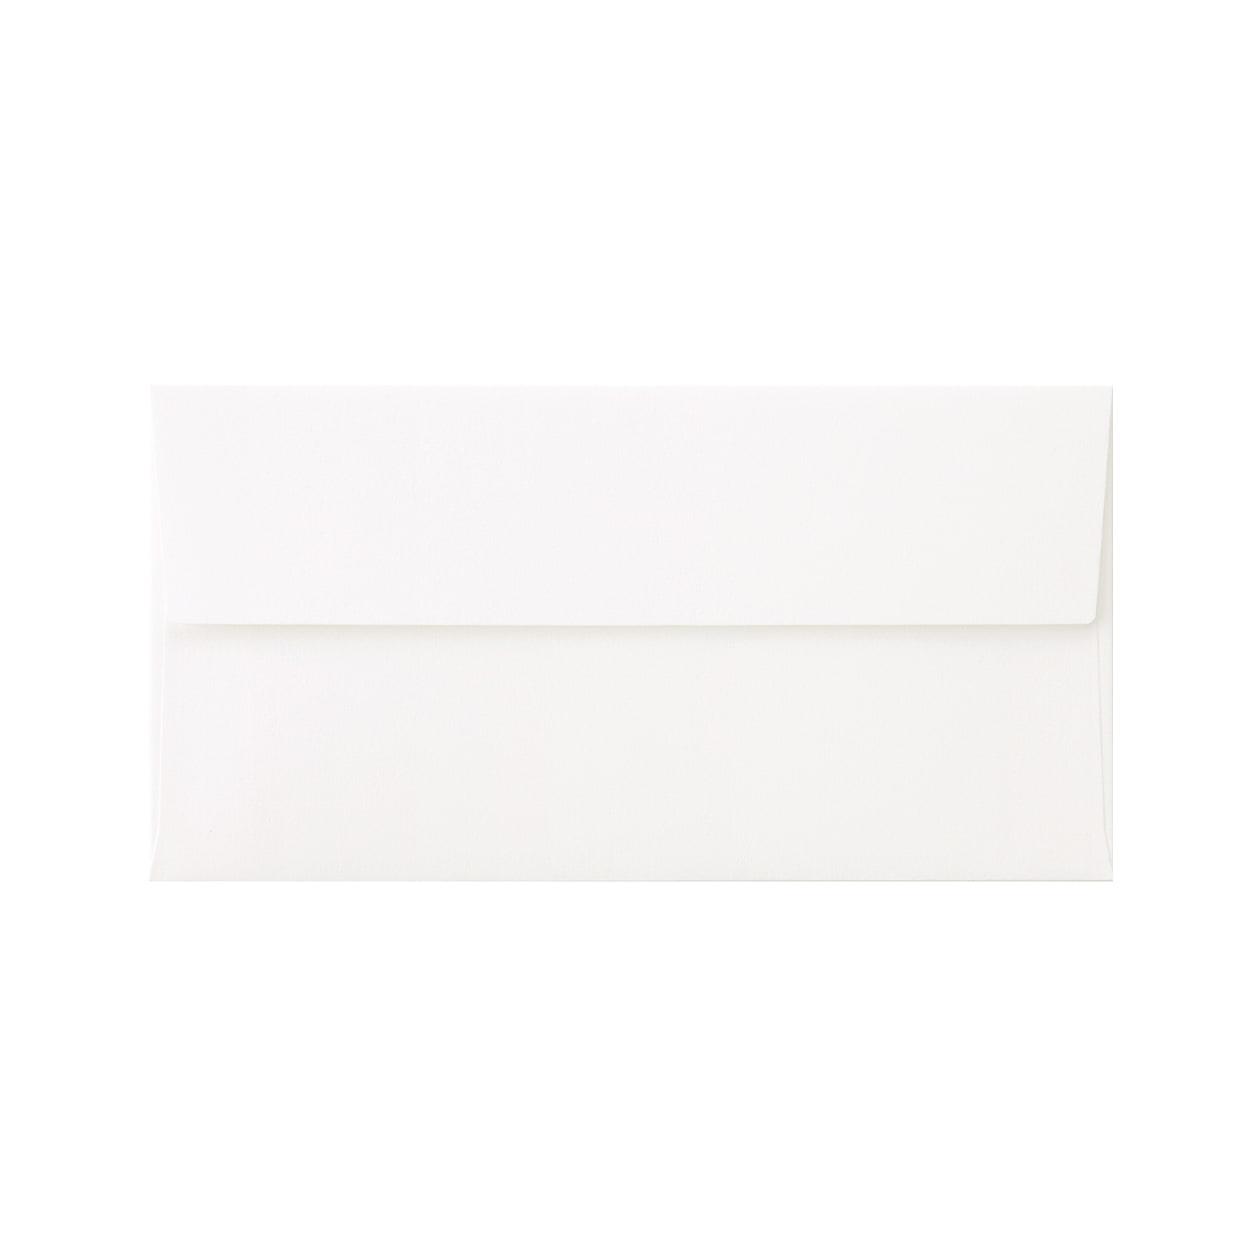 洋6カマス封筒 コットン スノーホワイト 116.3g